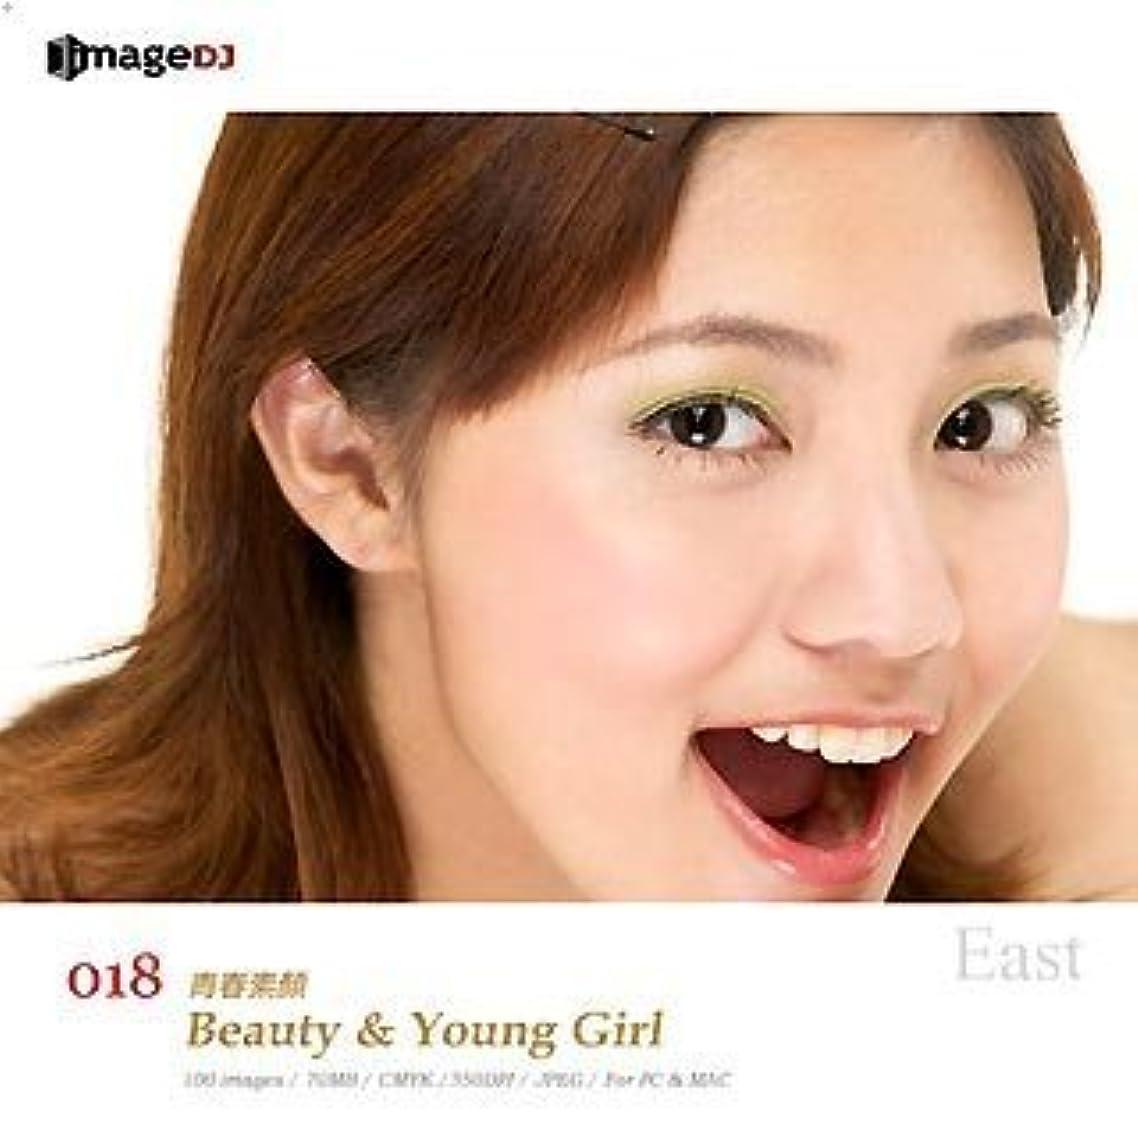 ホステススキムプライムEAST vol.18 ヤングビューティ Beauty & Young Girl